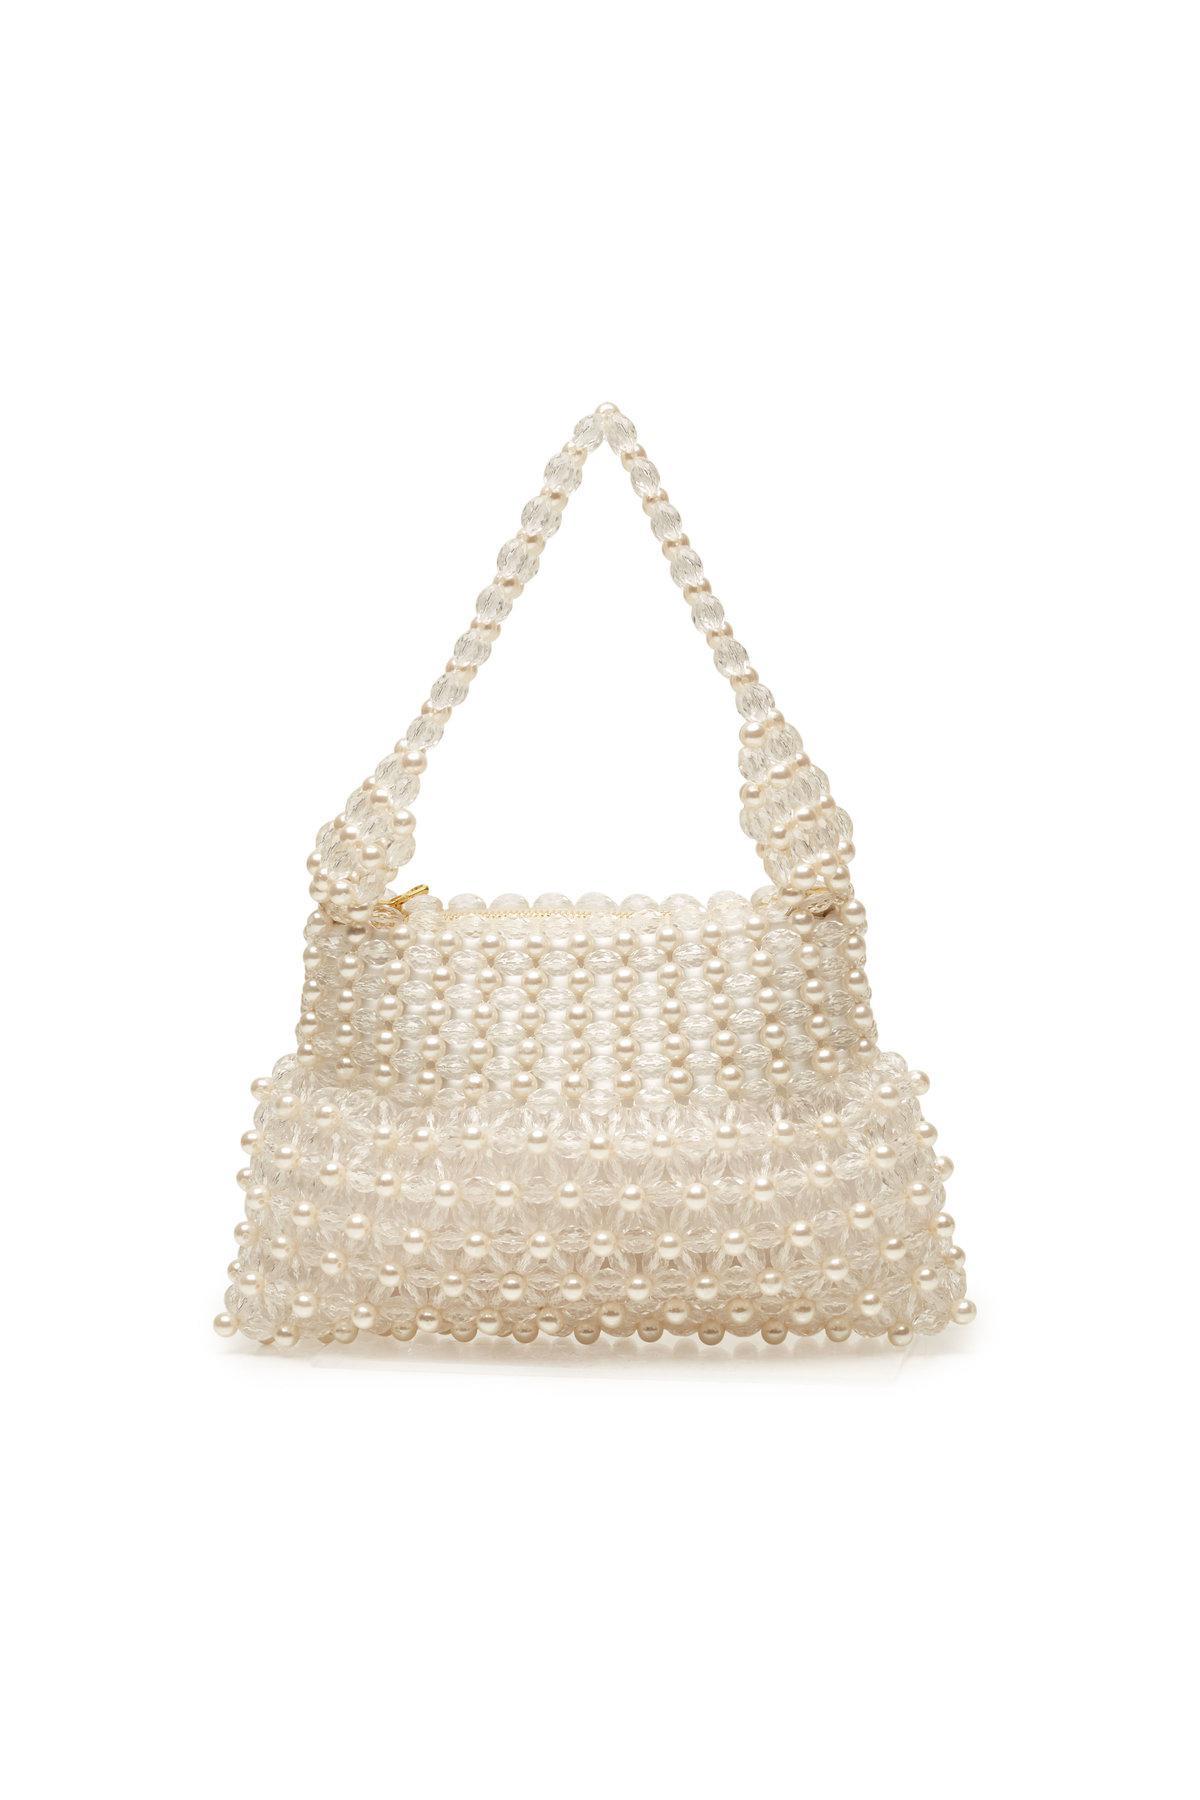 Lyst - Shrimps Bead Embellished Handbag in Natural 427c1603a5cd2